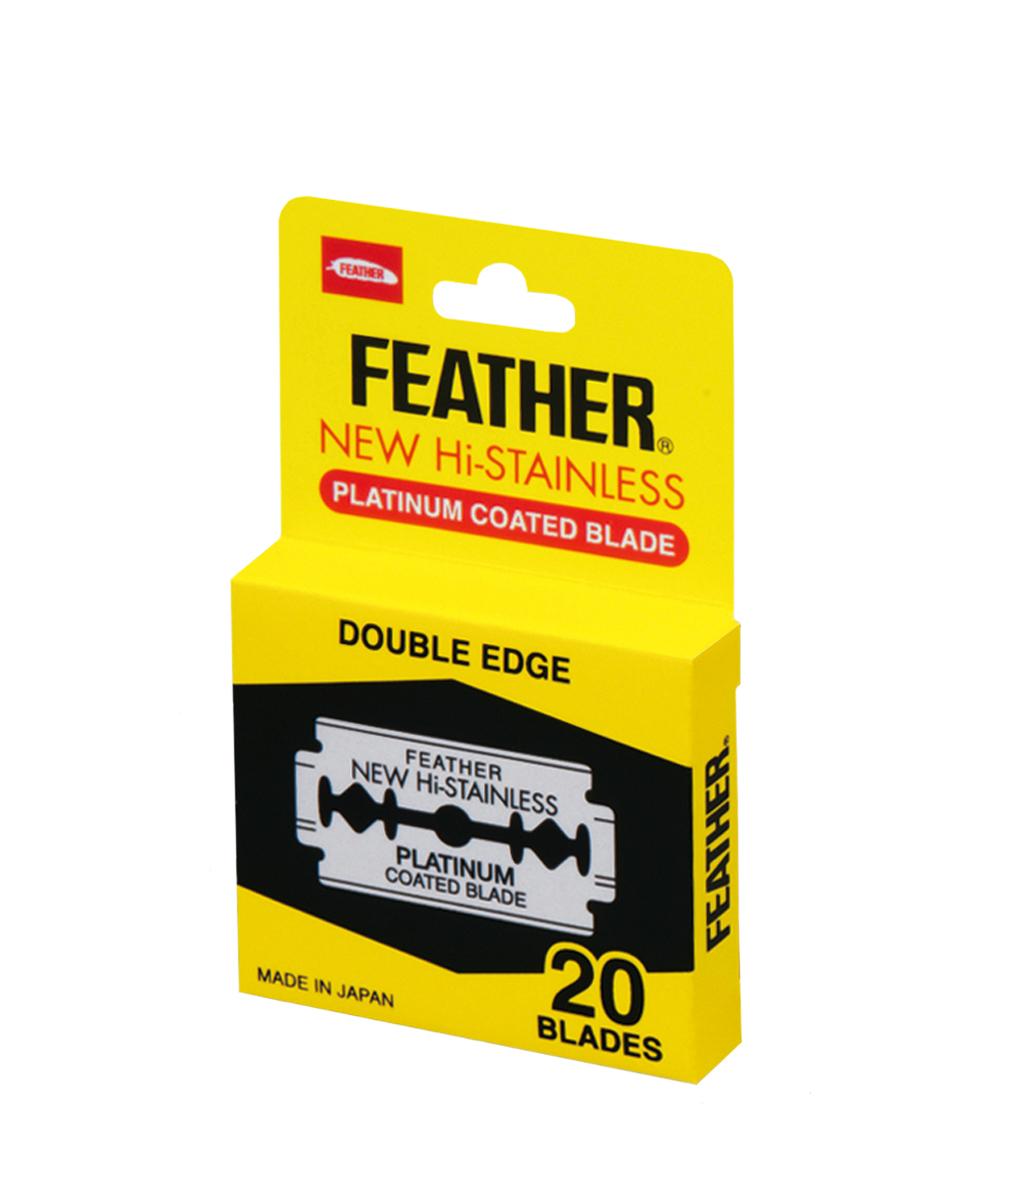 Feather Двусторонние лезвия 81S-2, 20 штукS1032905Обоюдоострые лезвия из высококлассной нержавеющей стали с платиновым покрытием. В диспенсере 20 лезвий. Подходят не только для бритв Feather.